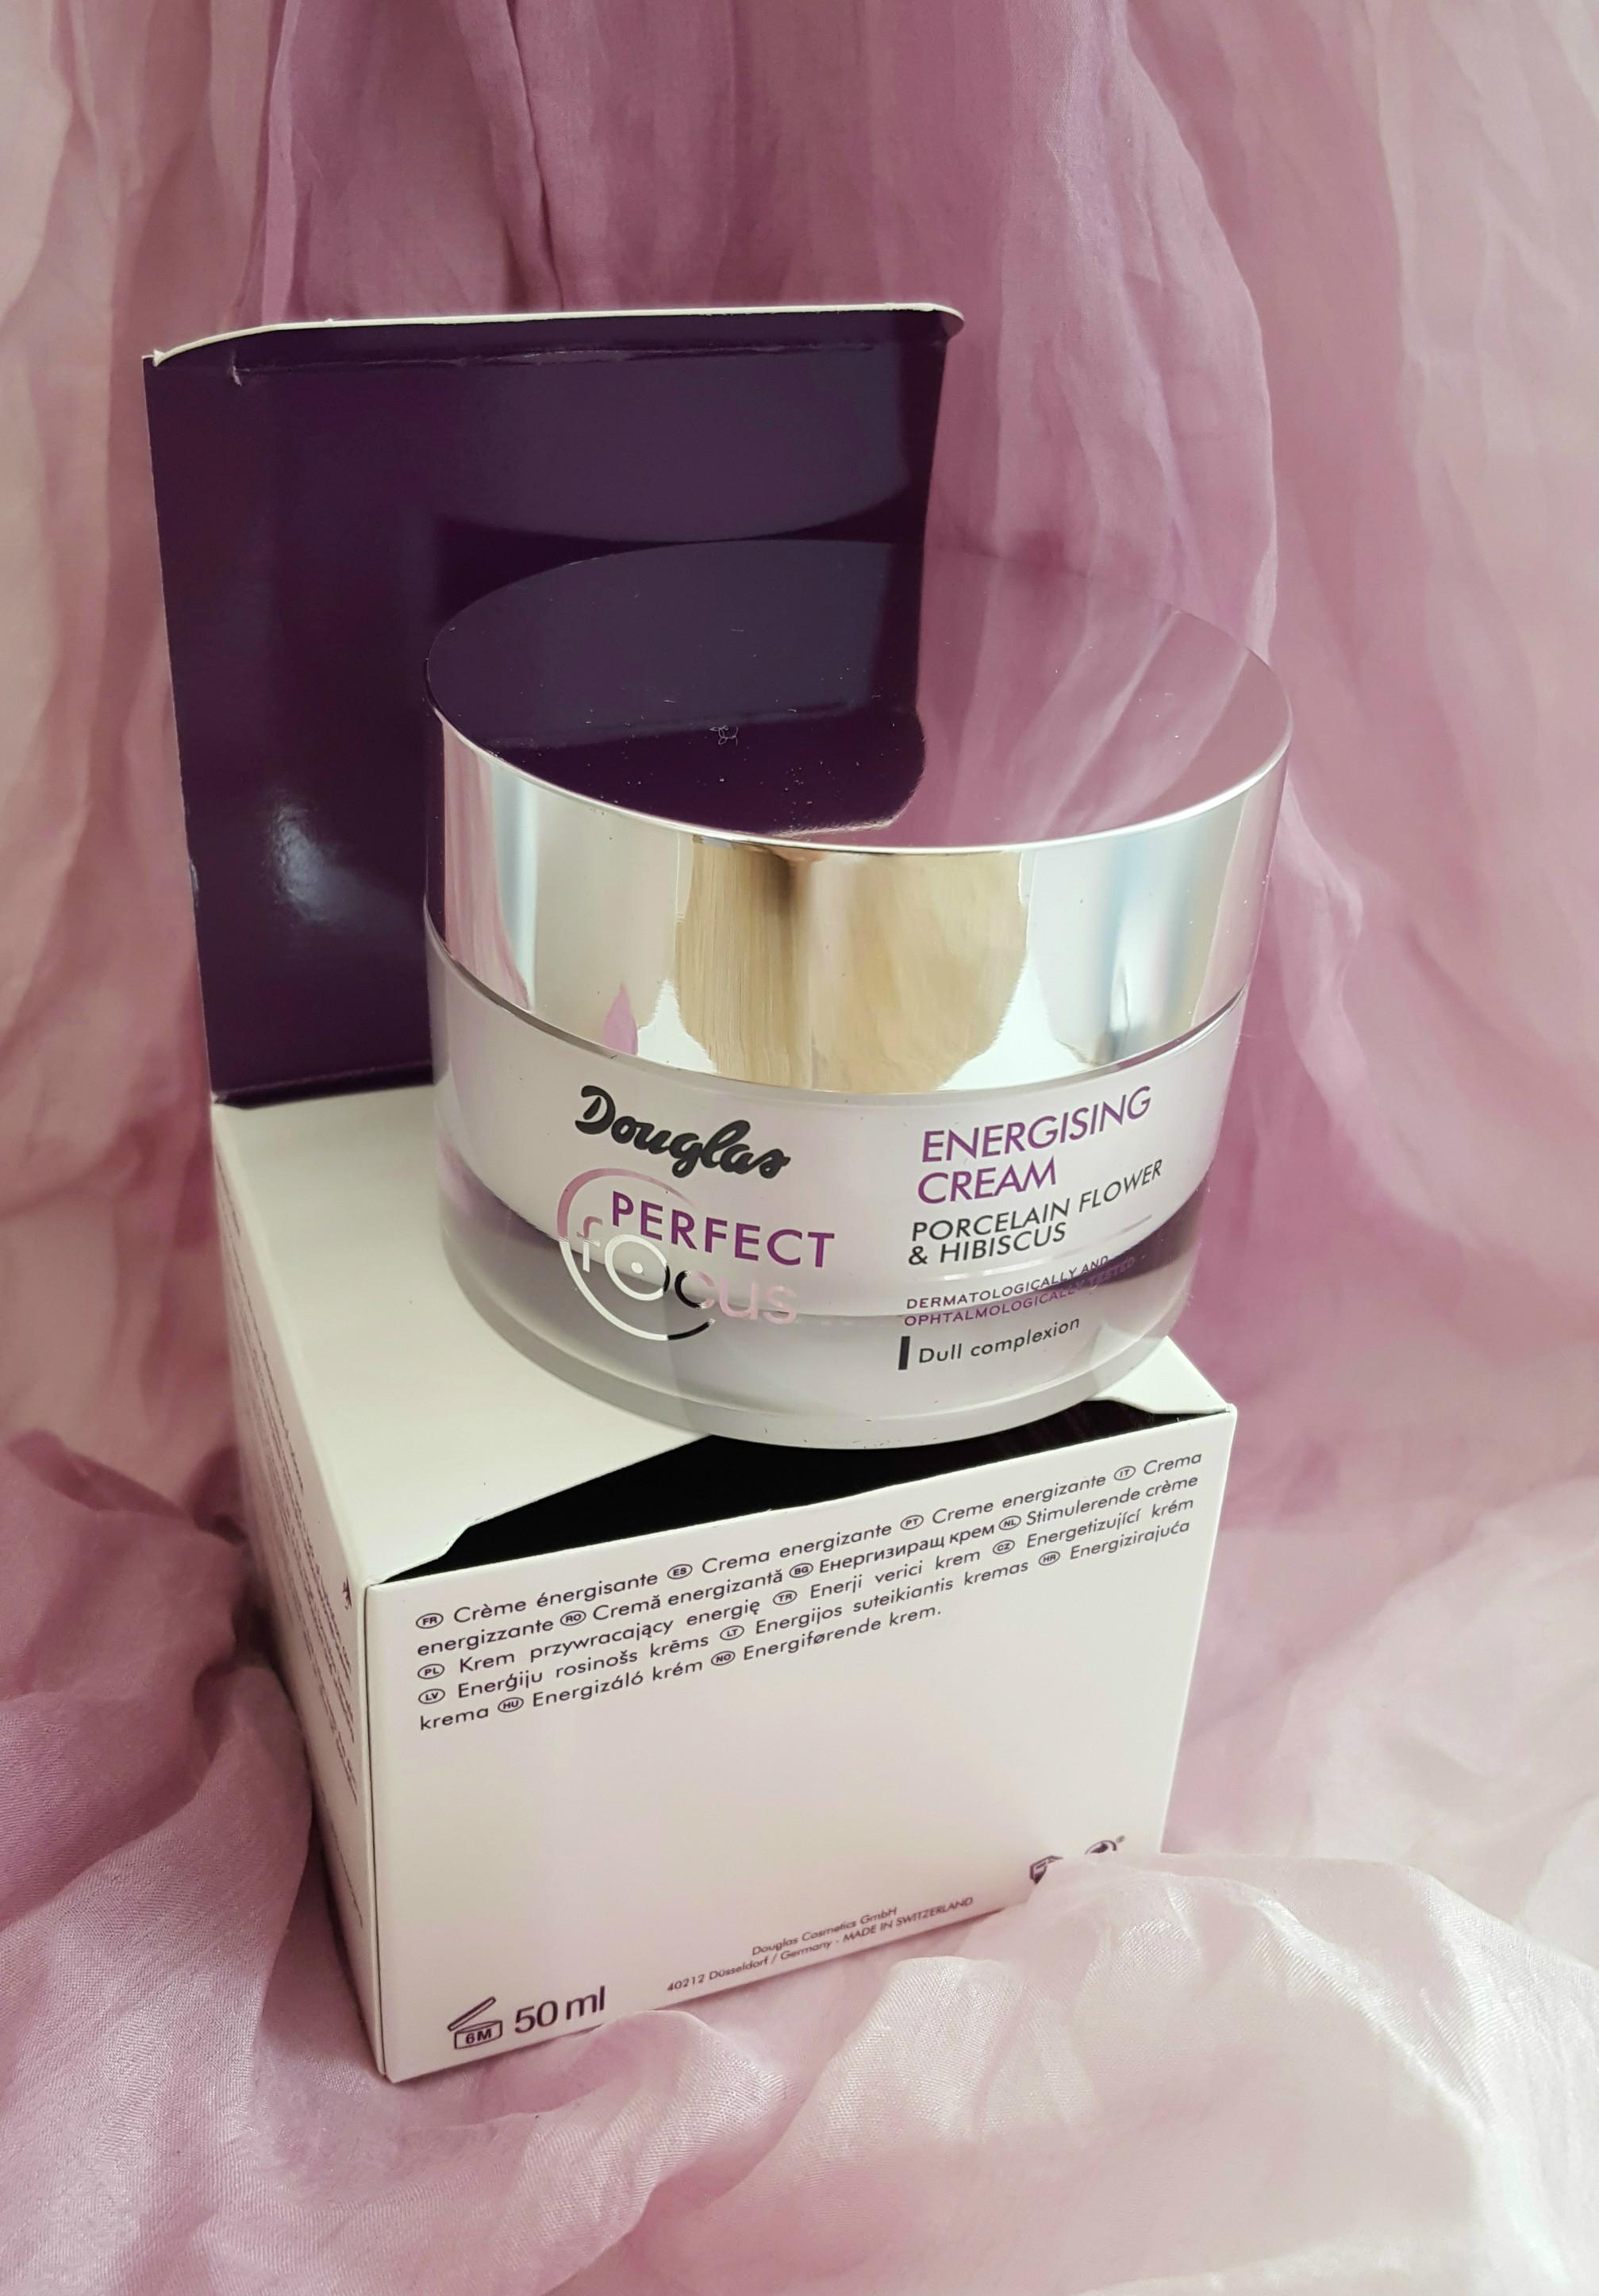 Energising Cream